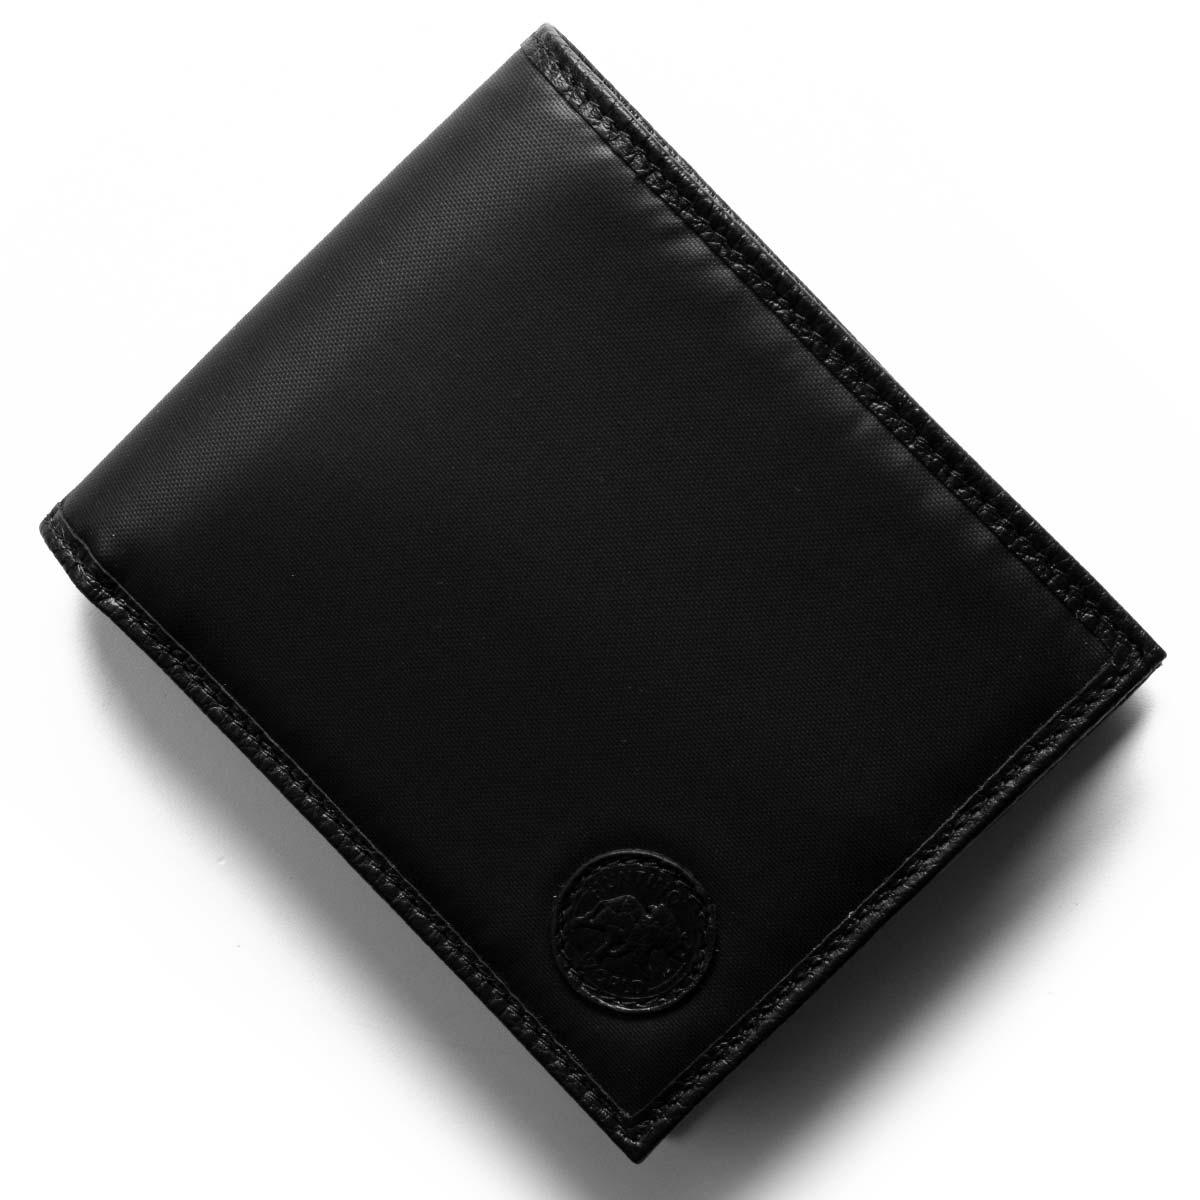 ハンティングワールド 二つ折り財布【札入れ】 財布 メンズ バチュー サーパス ブラック 320 13A HUNTING WORLD